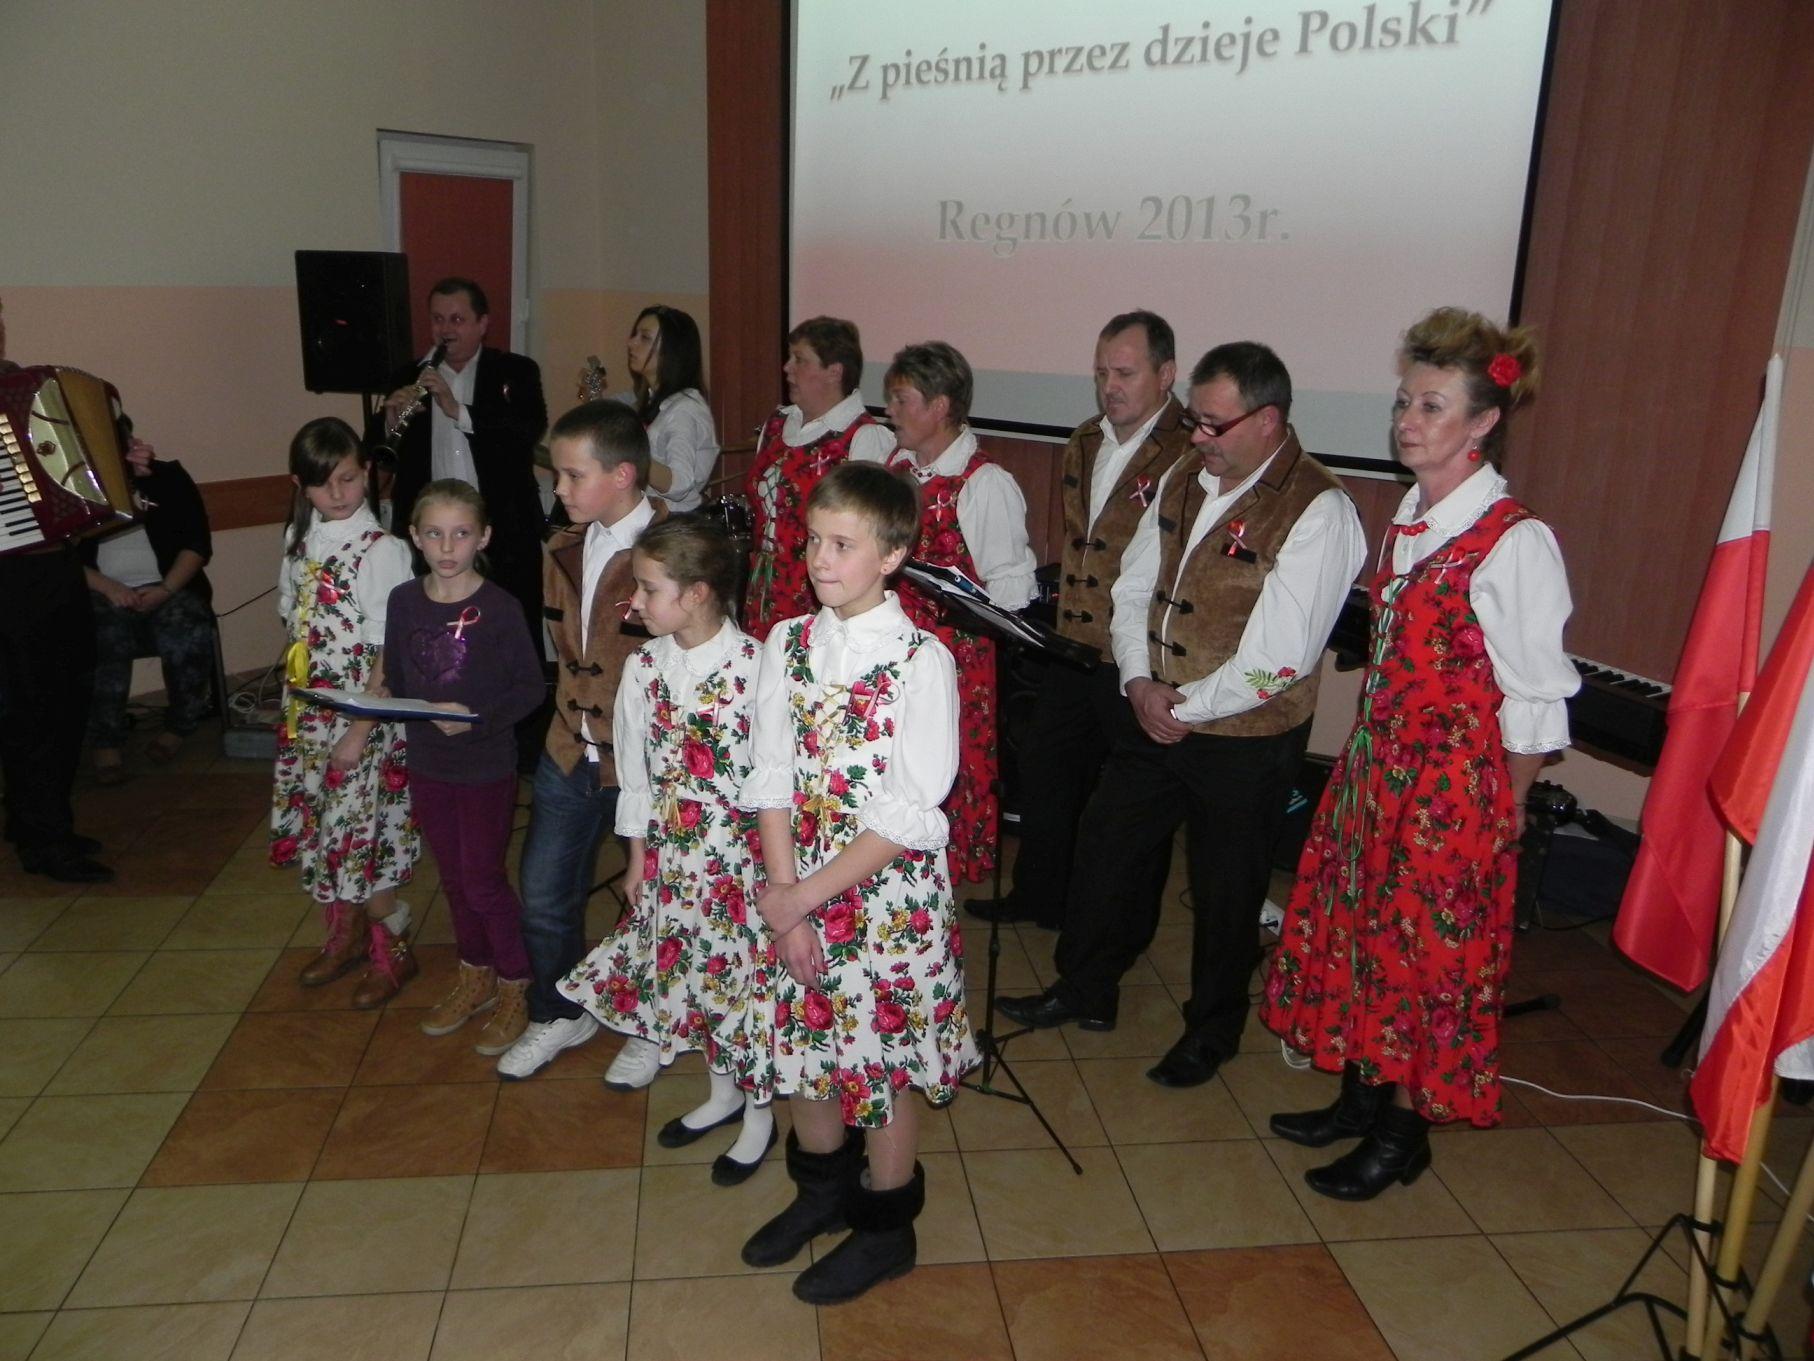 2013-11-09 11 listopada - Regnów (92)